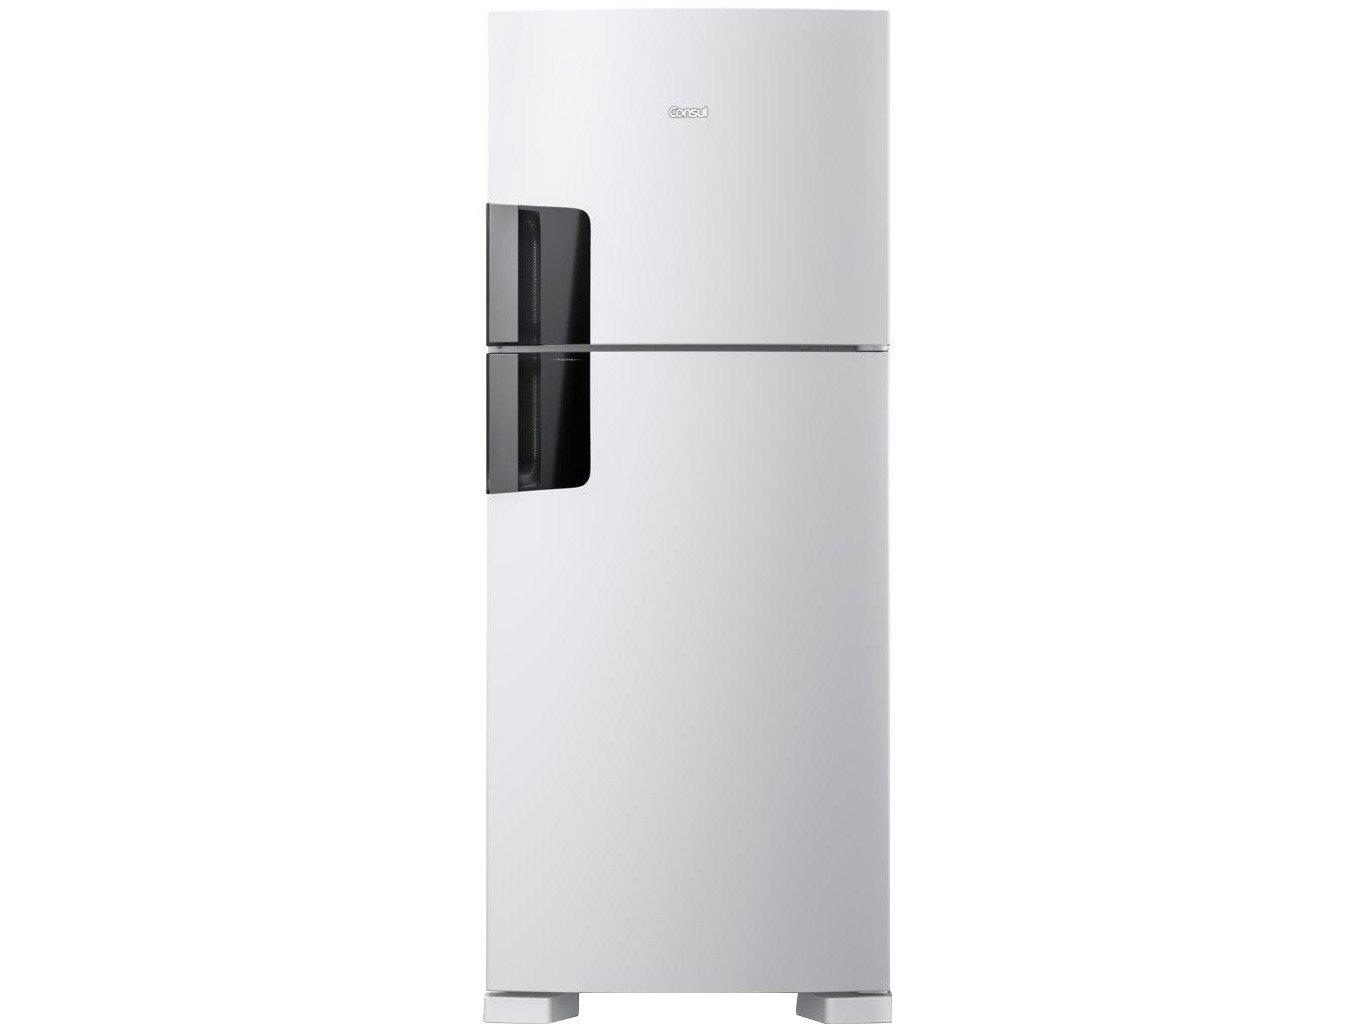 Geladeira/Refrigerador Consul Frost Free - Duplex Branco 410L CRM50HB - 220 V